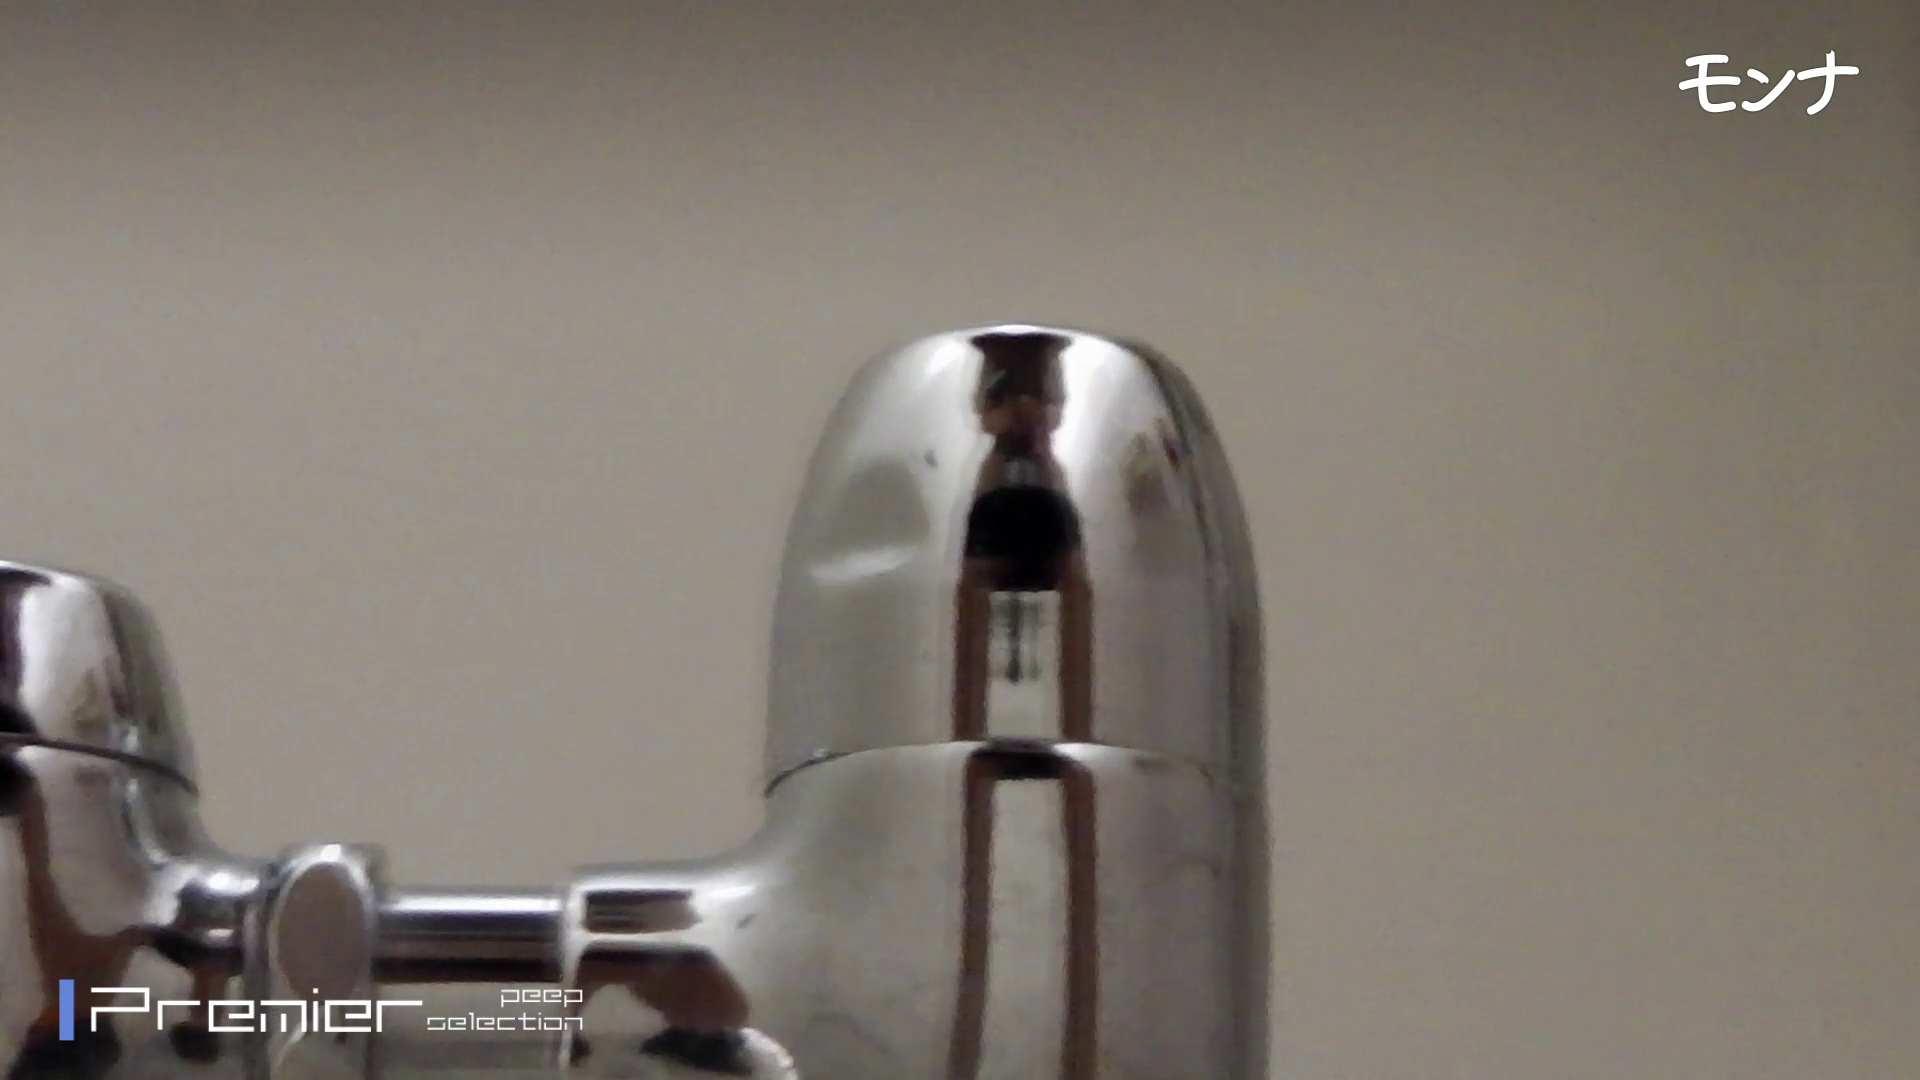 美しい日本の未来 No.84この美脚と距離感 盗撮 AV動画キャプチャ 68PIX 63